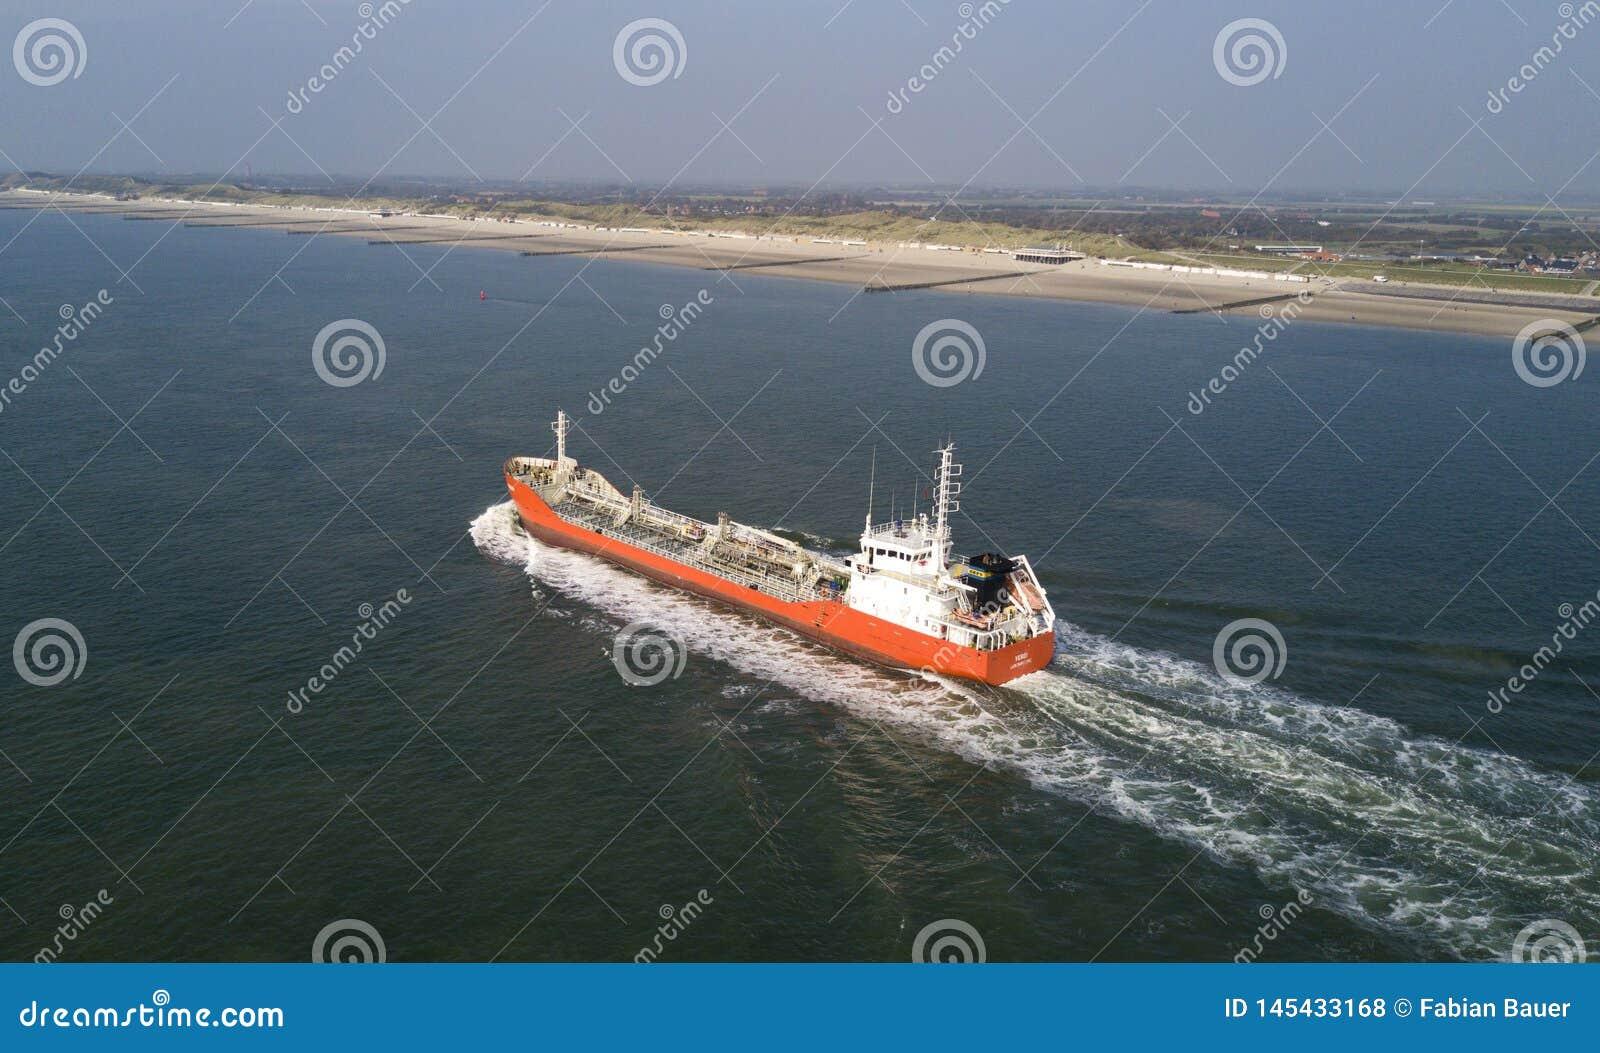 Schiff auf dem Meer aus dera Luft